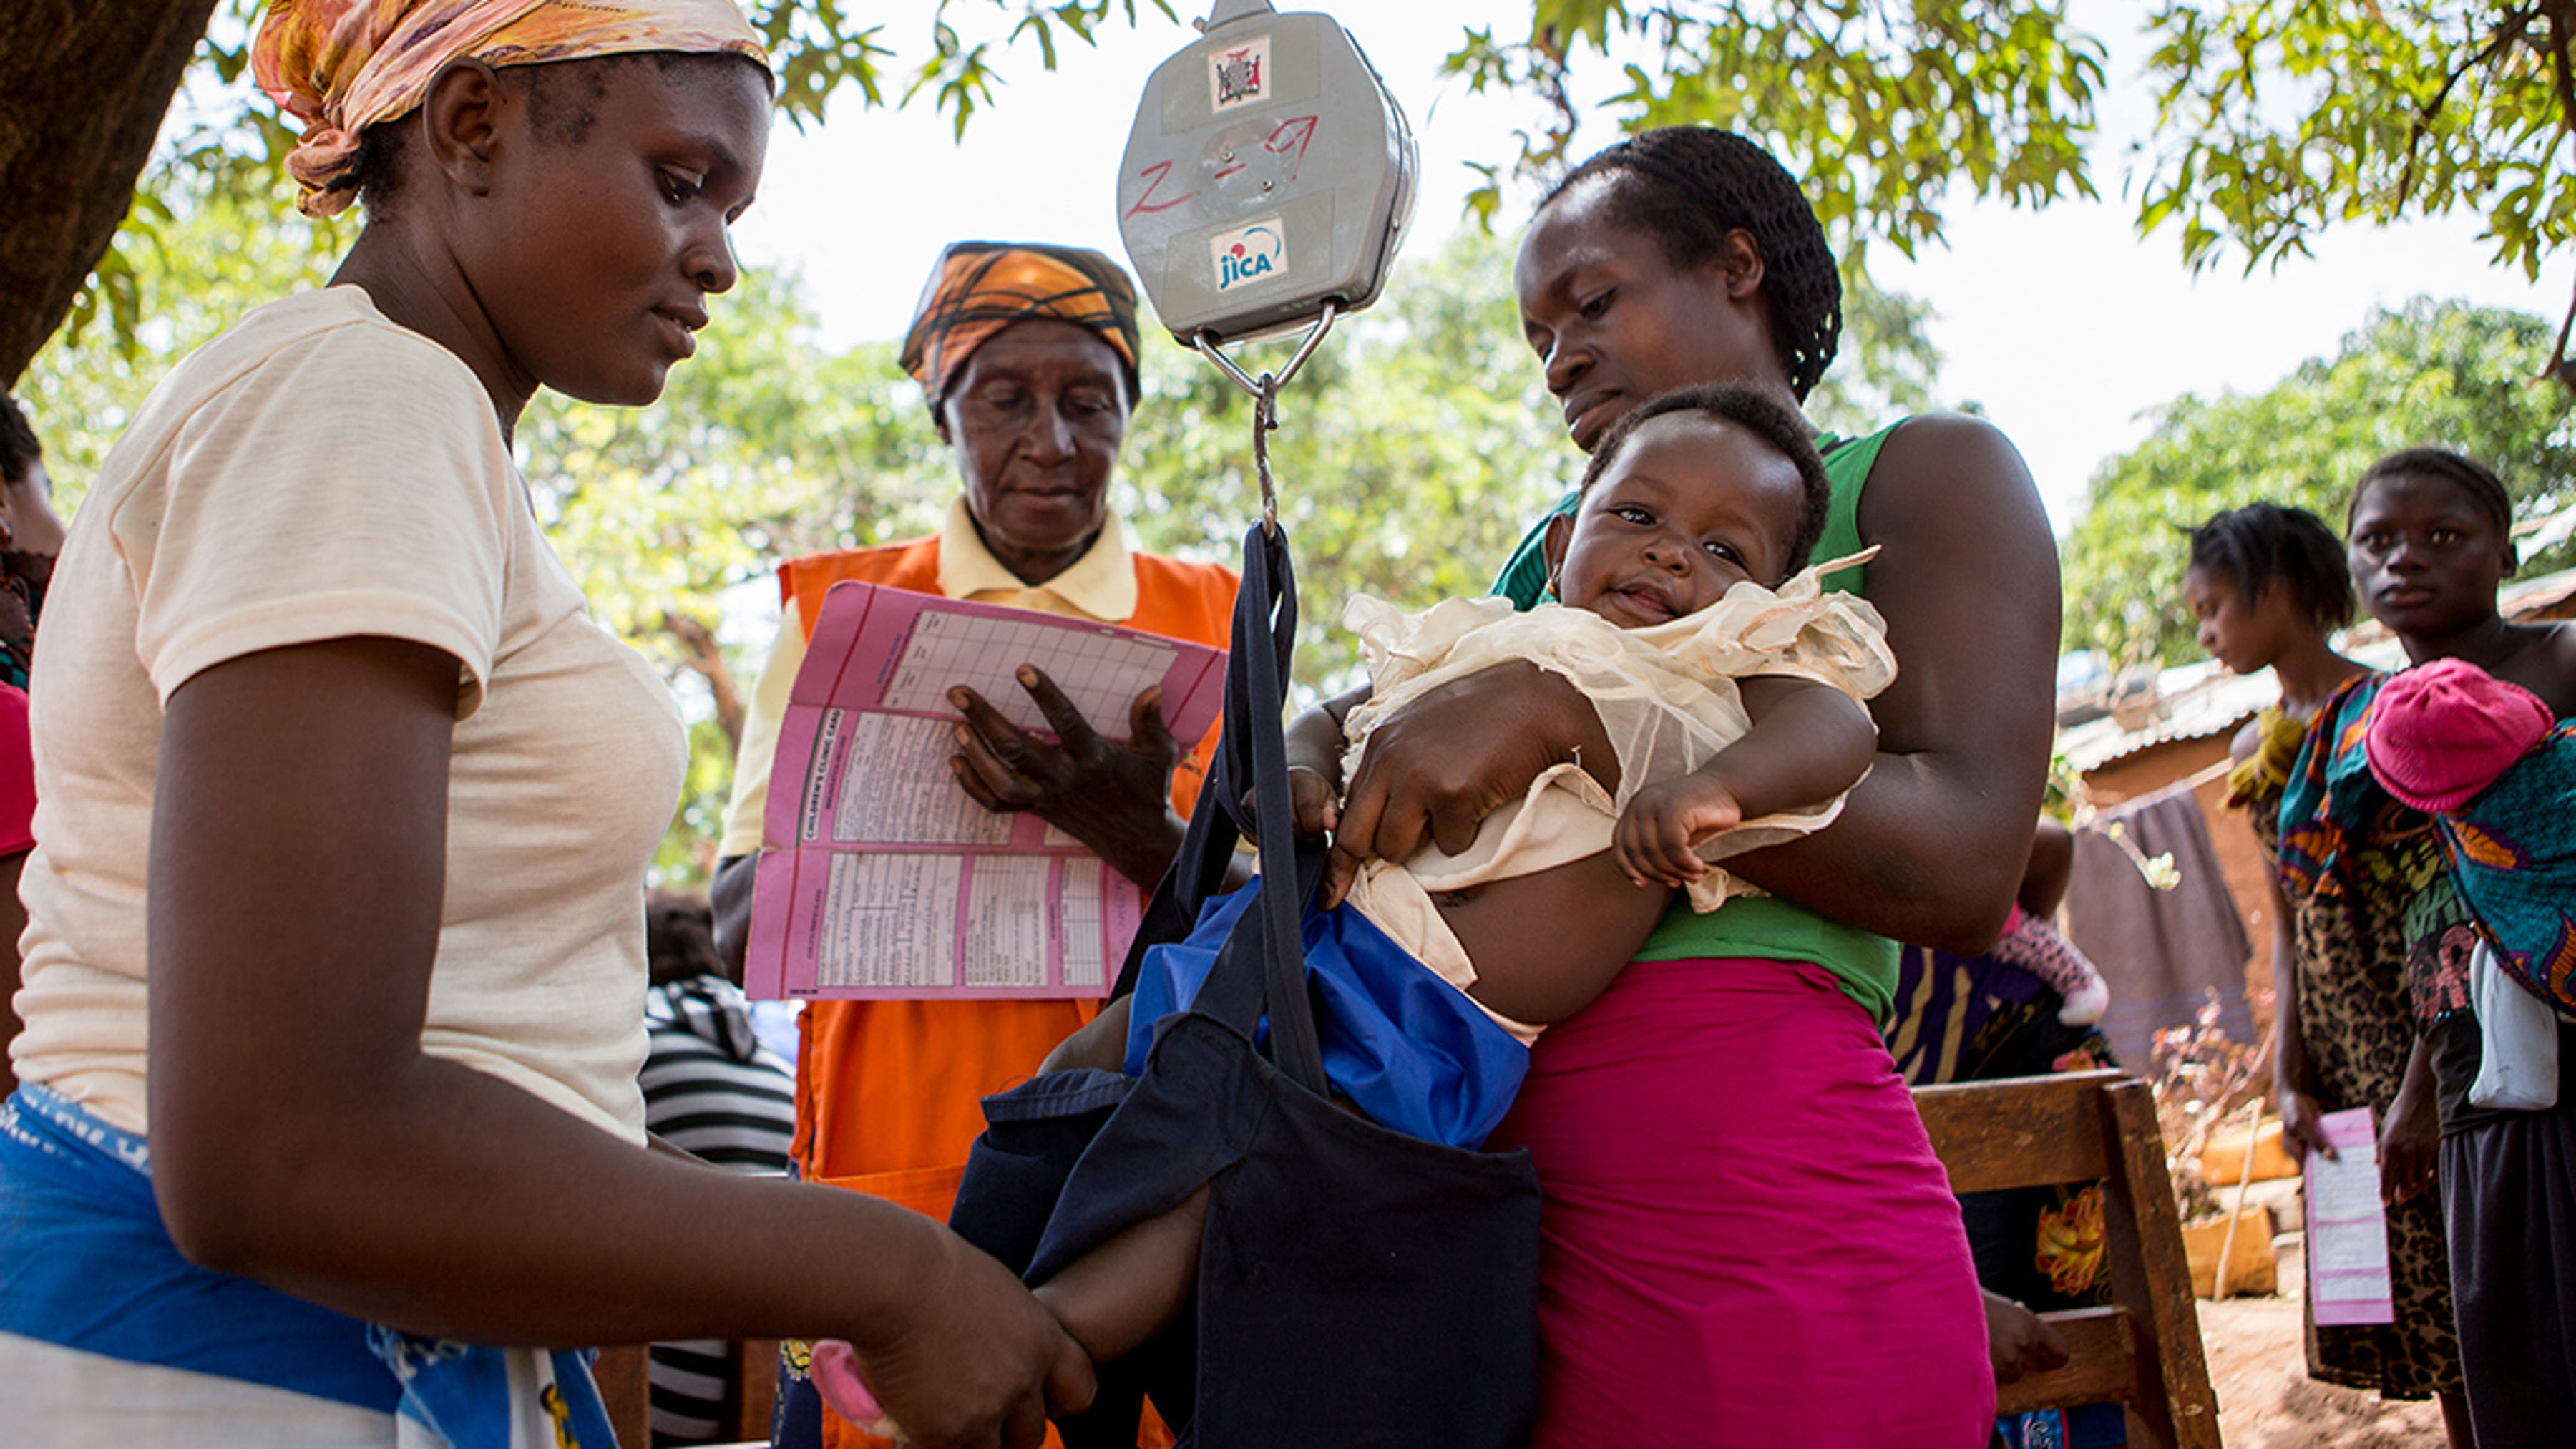 Zambia, un bambino viene pesato da un'operatrice comunitaria mentre la collega prende appunti sul peso